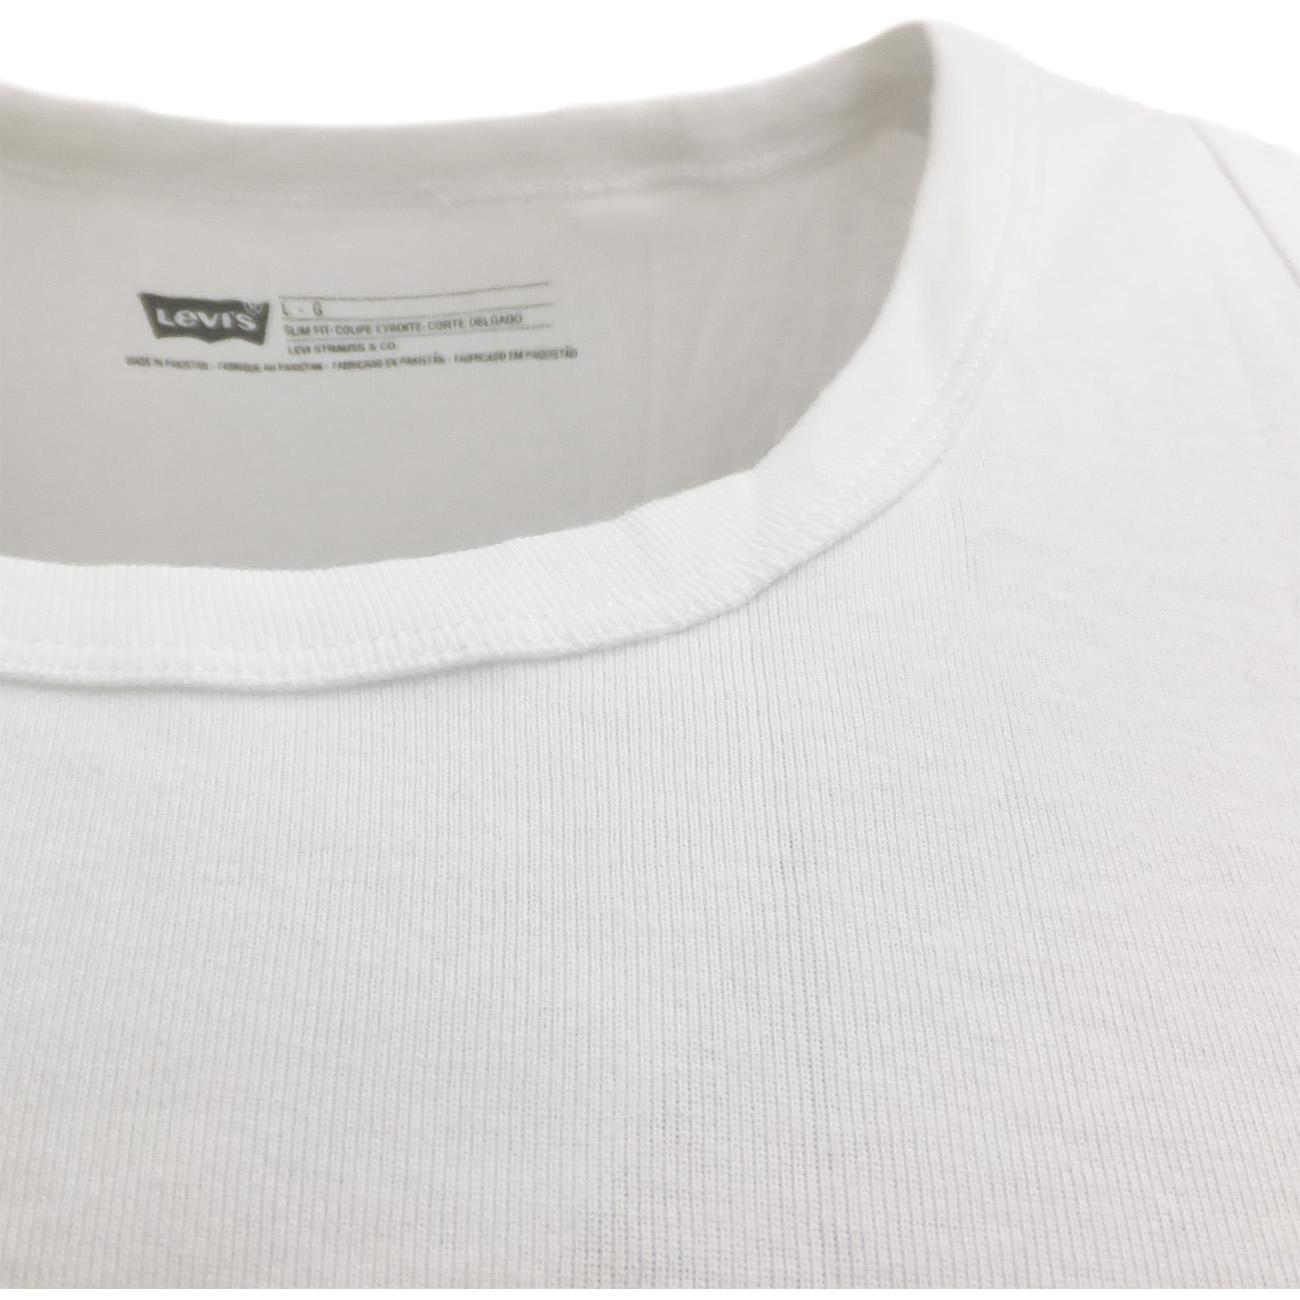 Levi strauss plain vest pack of 2 slim fit t shirts for Levis plain t shirts